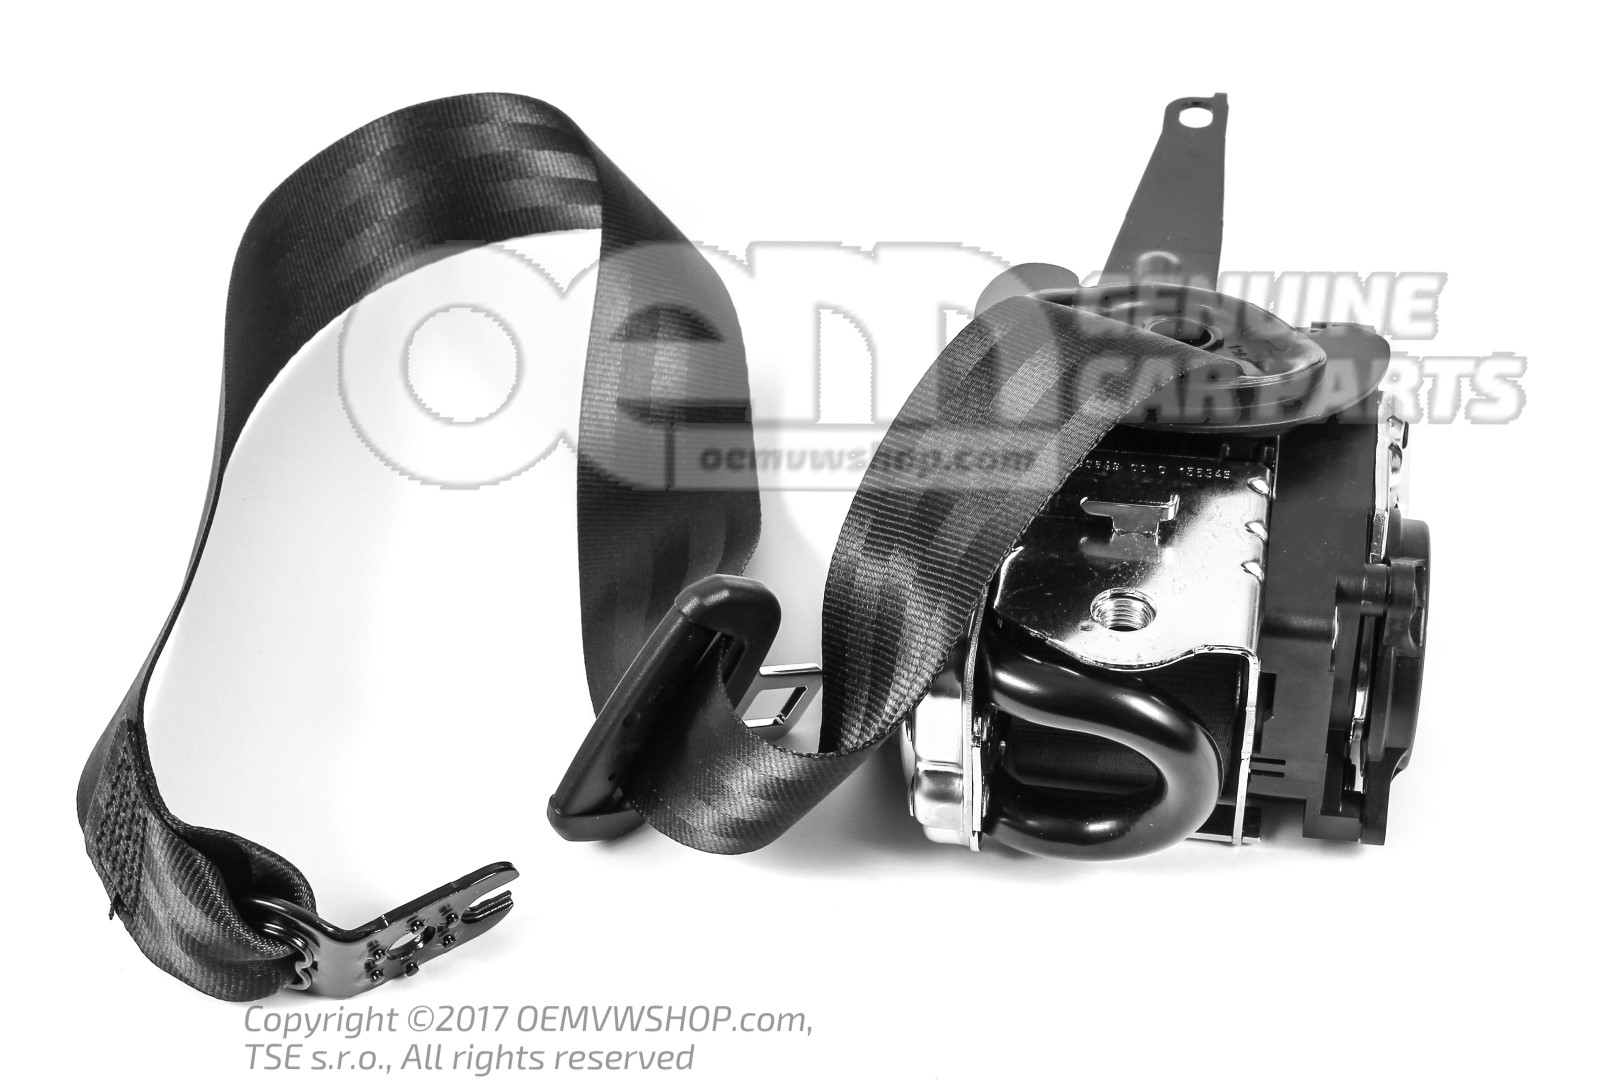 ceinture de securite 3 points autom et retracteur de ceint noir 3v0857701c raa. Black Bedroom Furniture Sets. Home Design Ideas